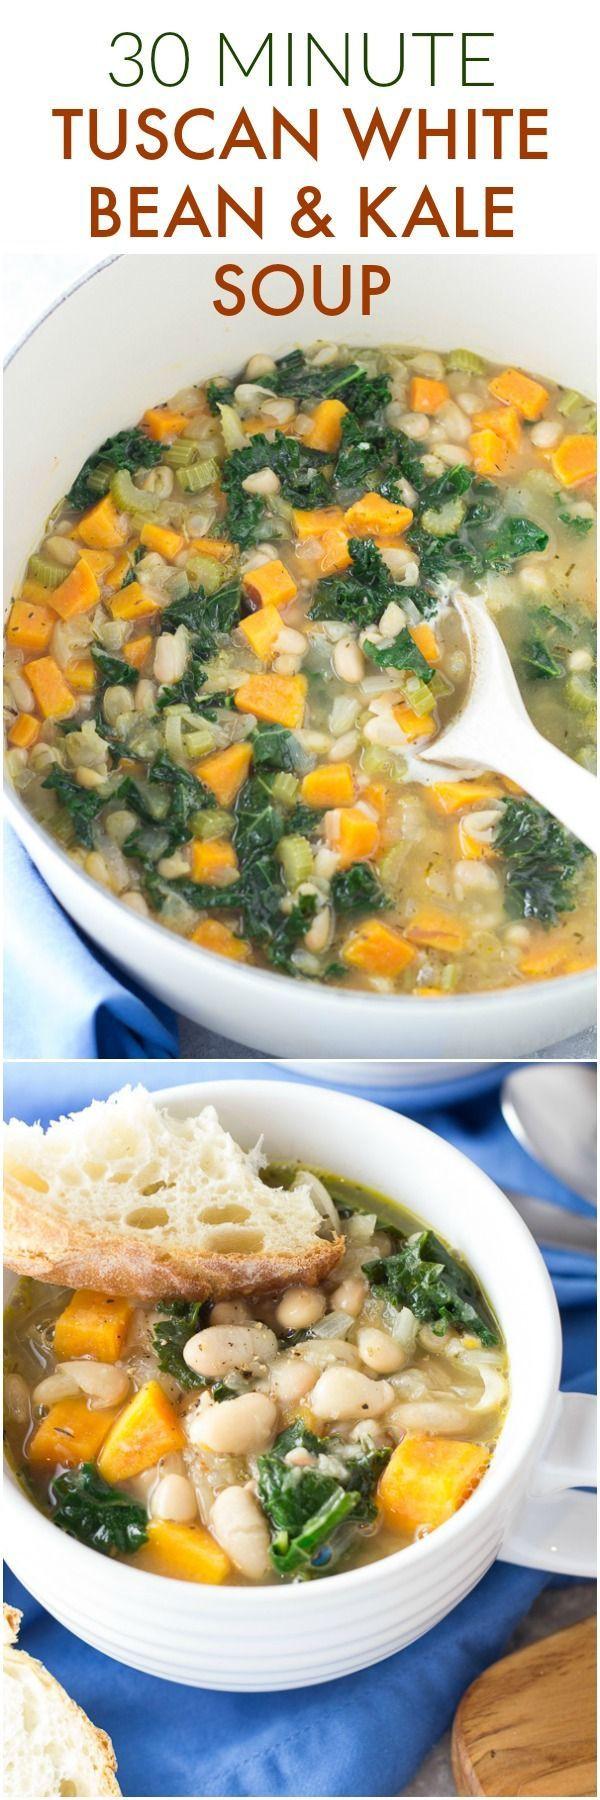 Kale Soup Recipes Healthy  Best 25 Kale soup ideas on Pinterest